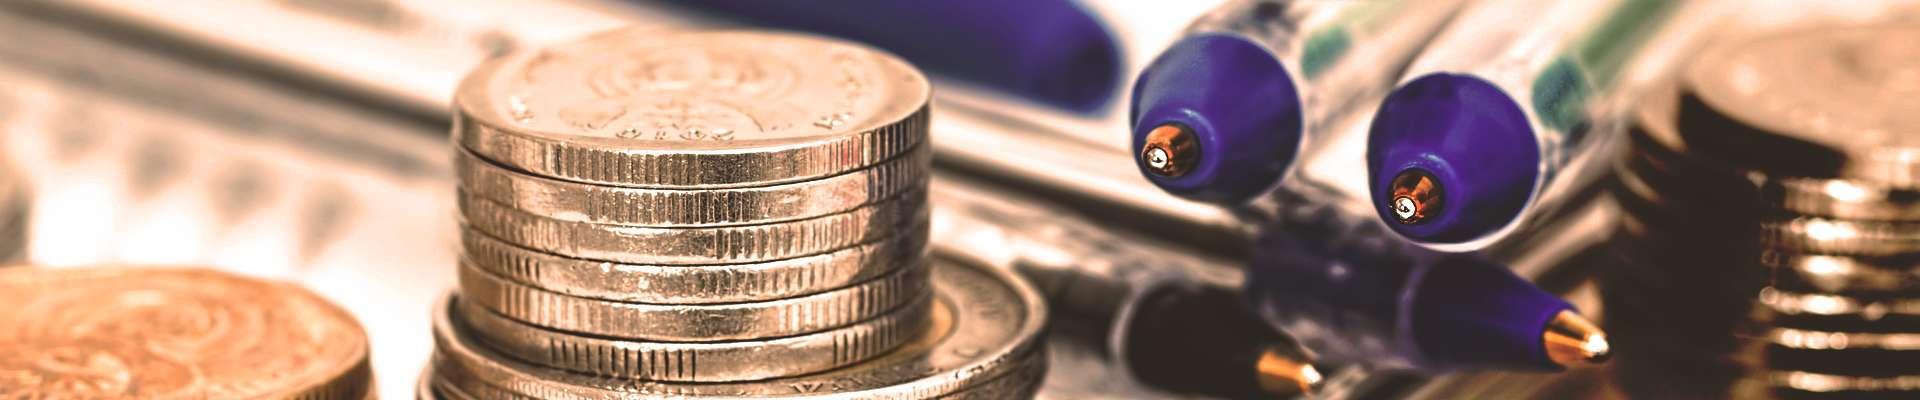 Impôt prélevé à la source, le futur cauchemar des entreprises ?